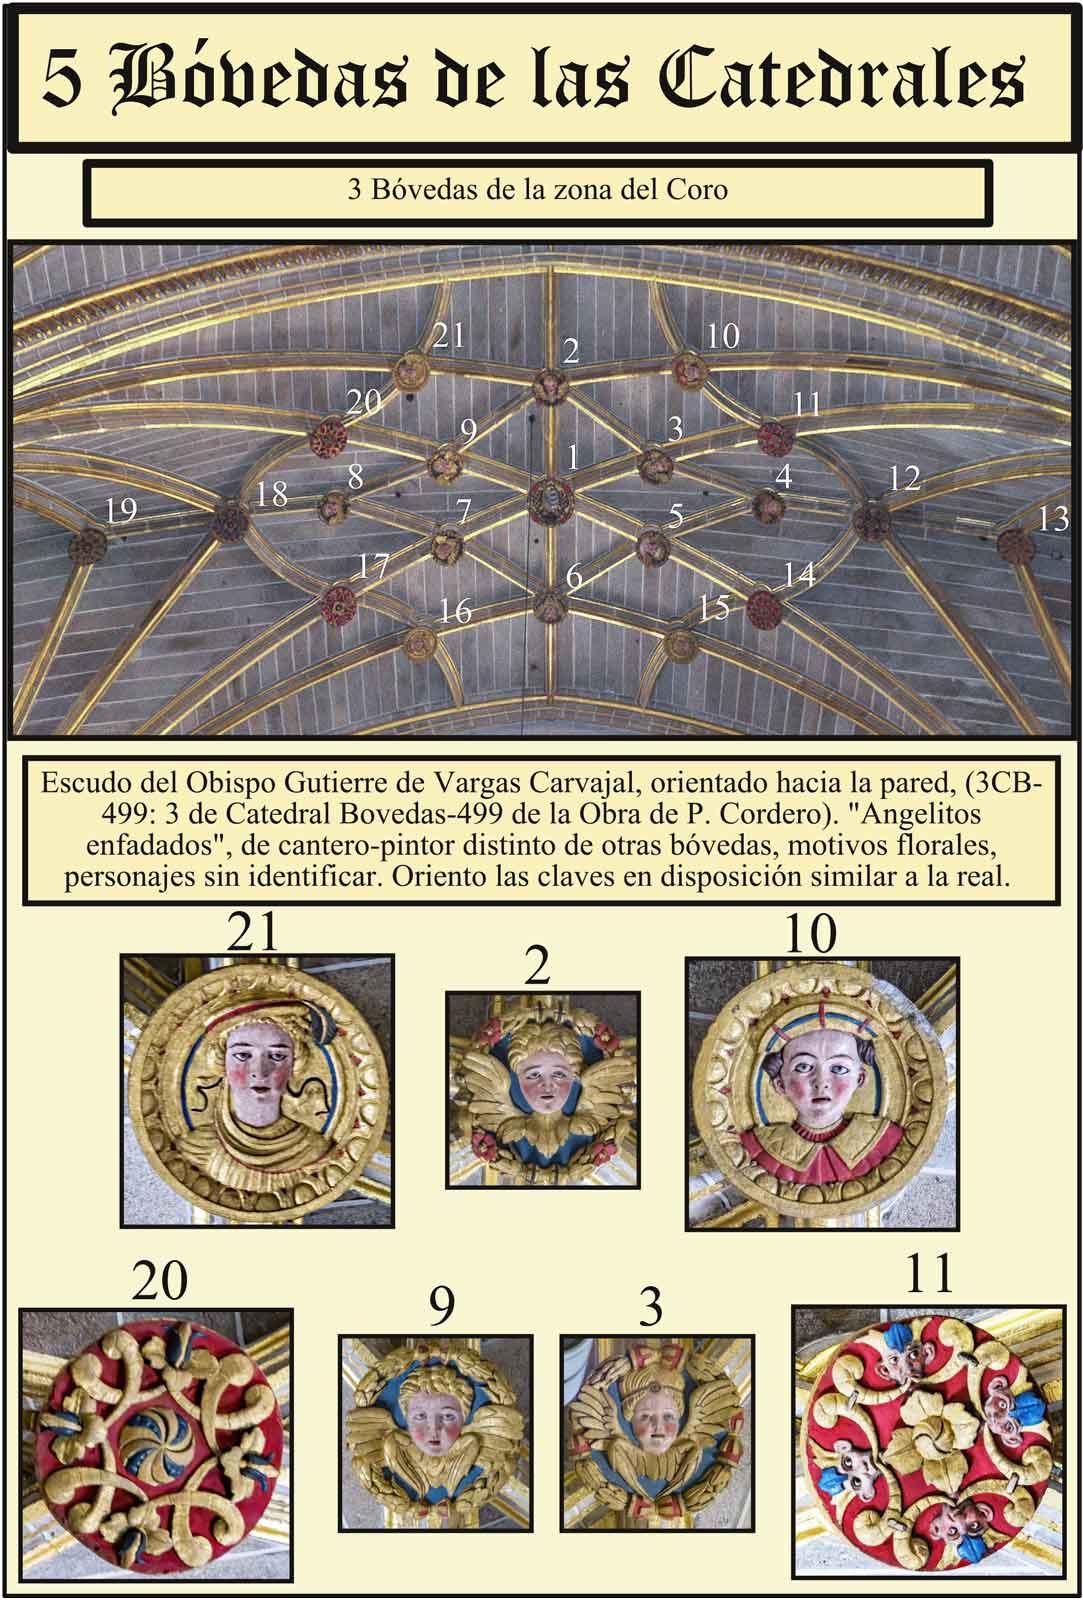 Boveda de cruceria gotica en el coro de la Catedral  Plasencia